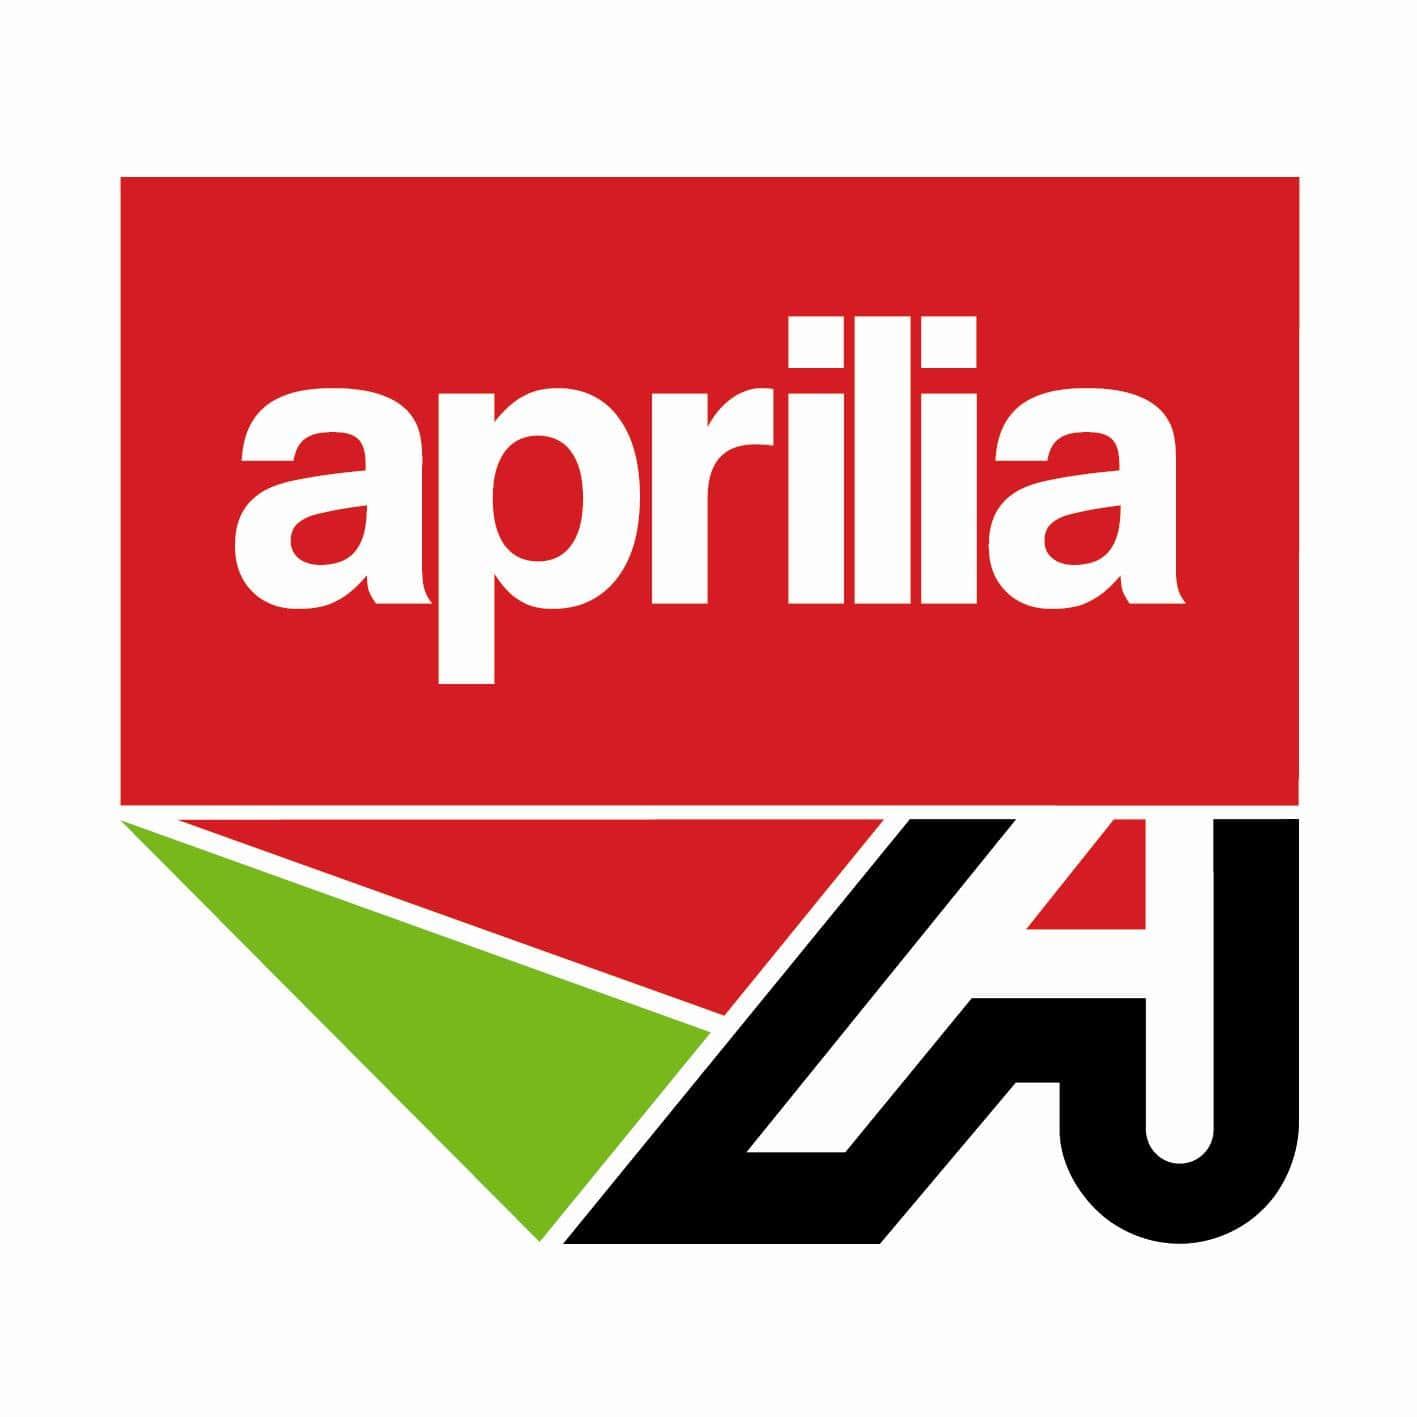 aprilia-ref11-stickers-moto-casque-scooter-sticker-autocollant-adhesifs-min